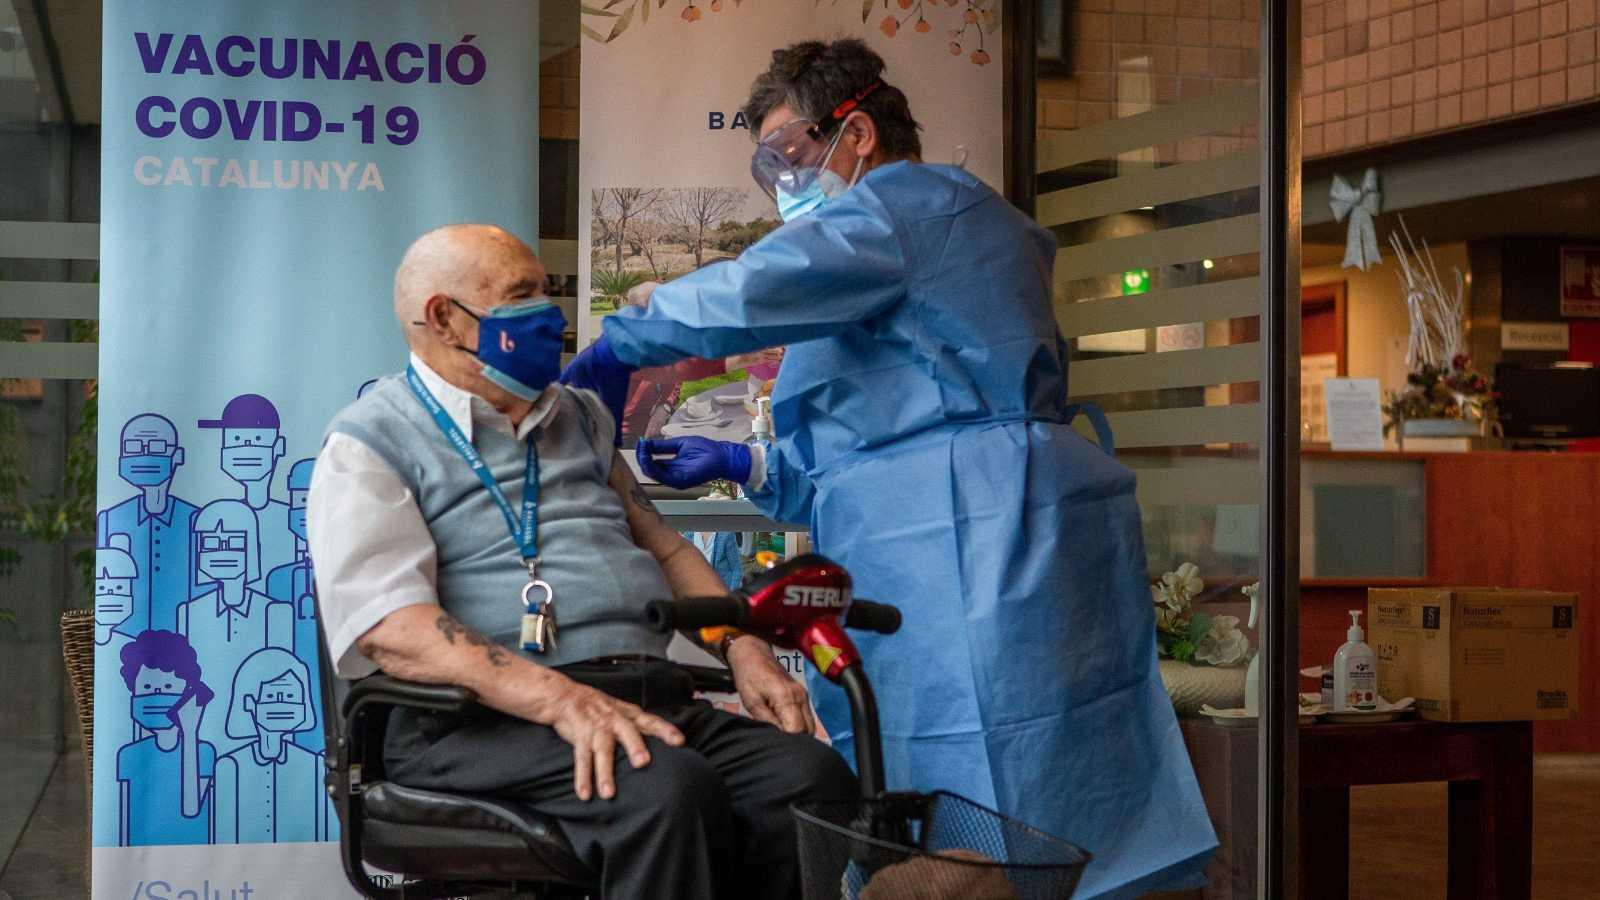 Rafael Perea, de 94 años de edad, recibe la vacuna Pfizer contra la COVID-19 en Badalona.